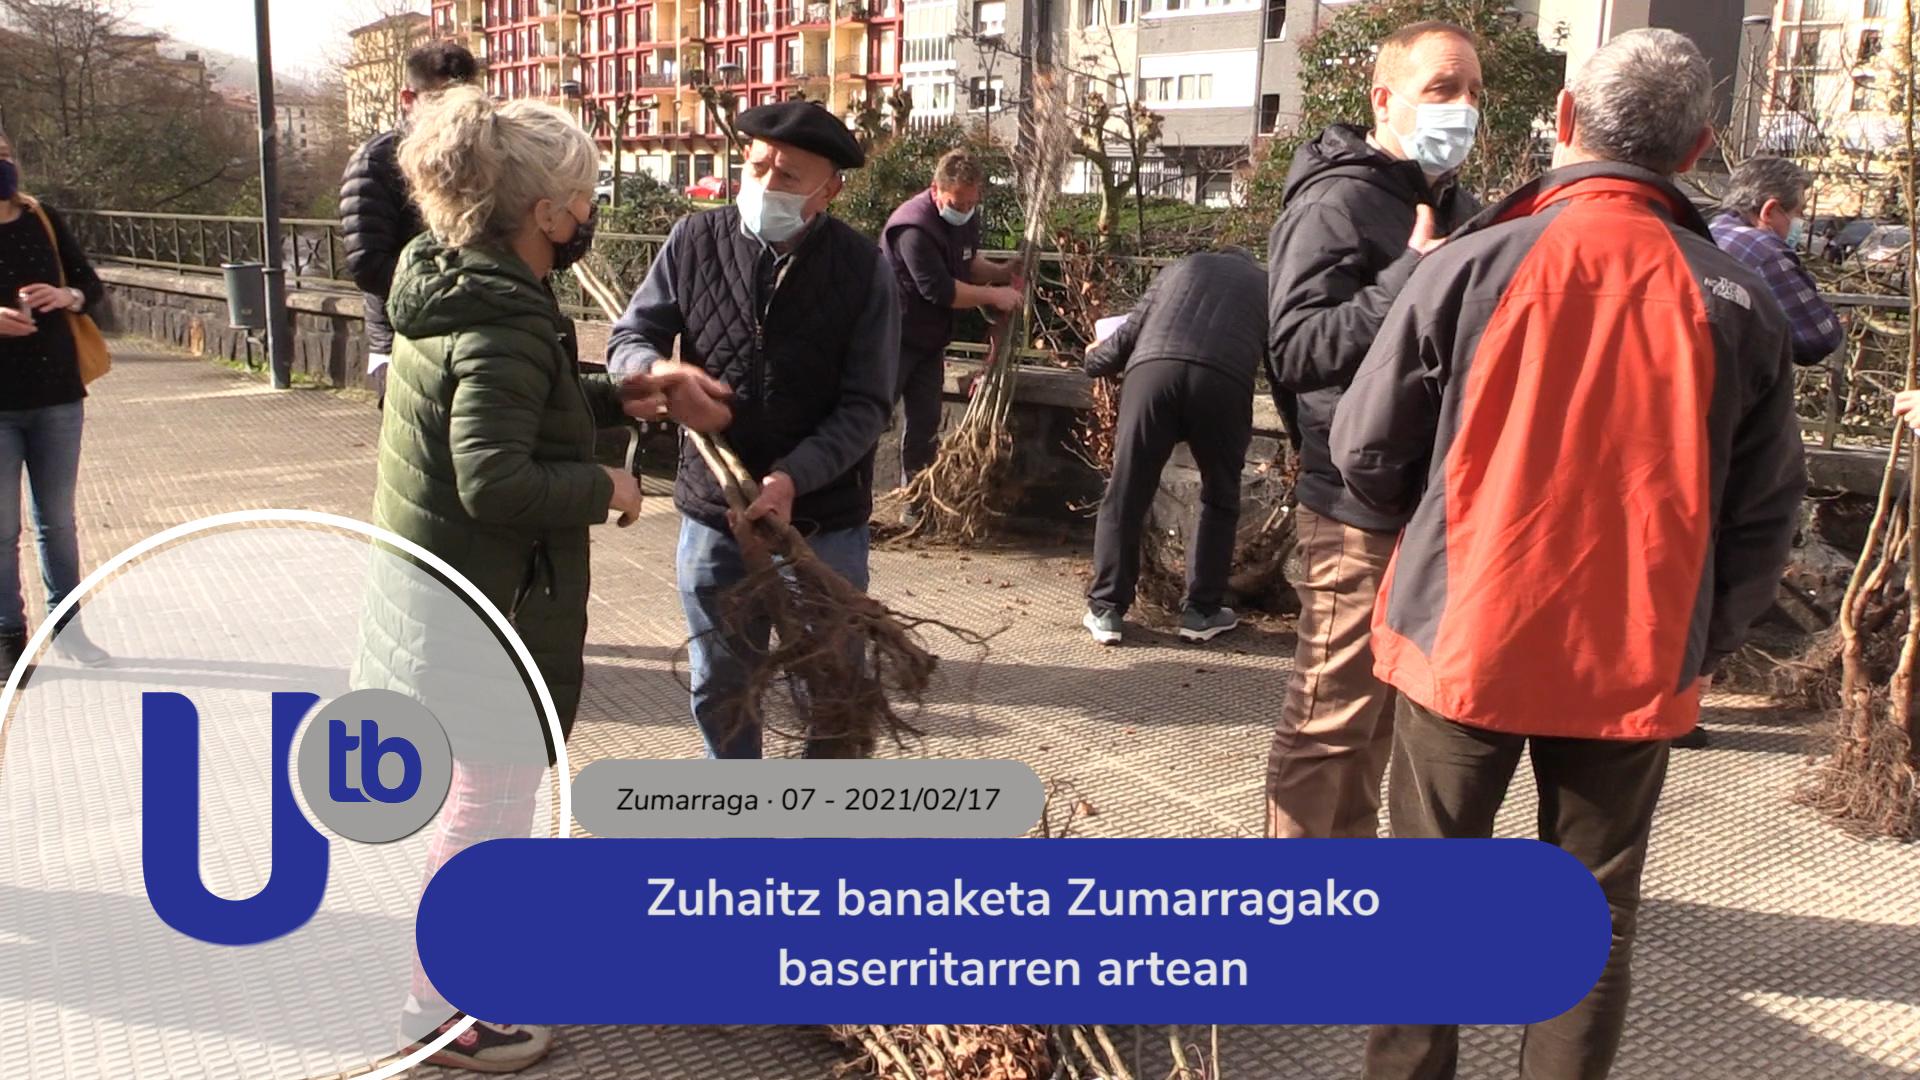 Zuhaitz banaketa Zumarragako baserritarren artean / Reparto de árboles entre los baserritarras de Zumarraga